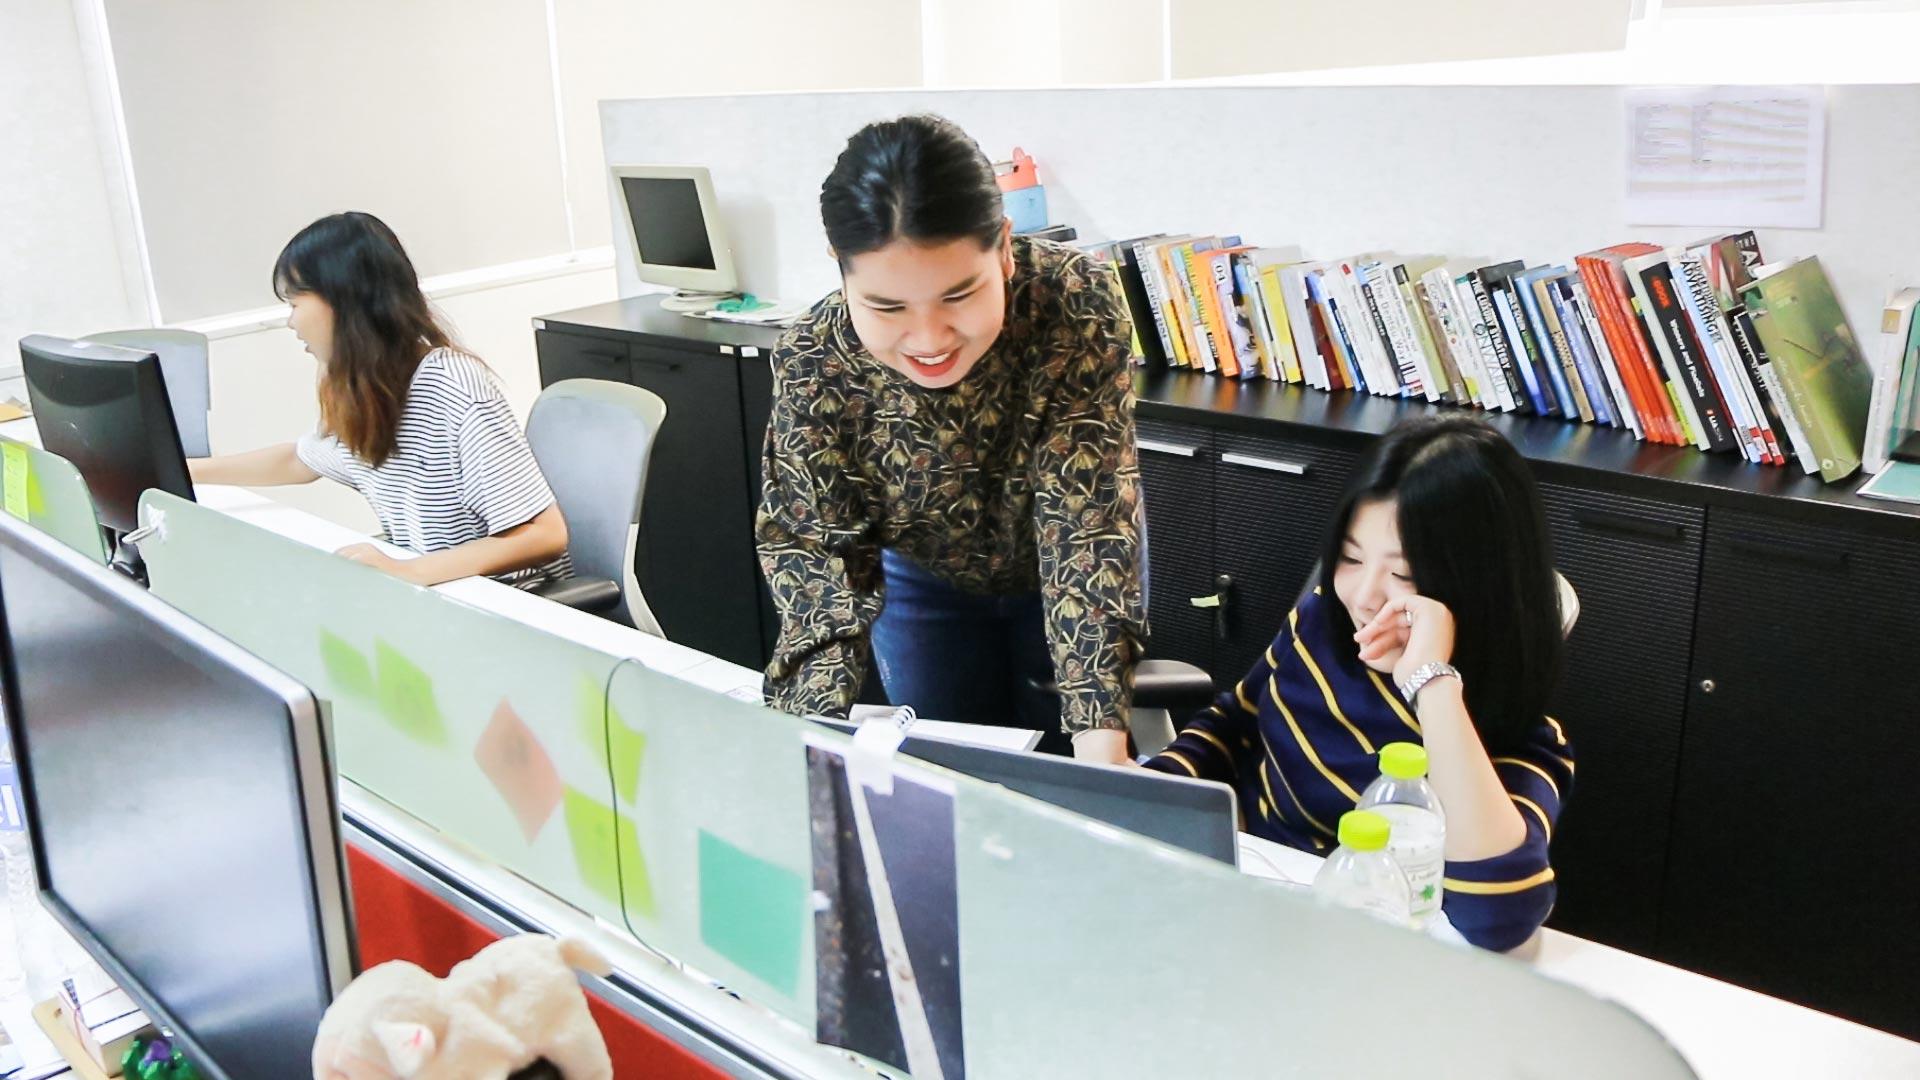 สหกิจศึกษา คณะนิเทศศาสตร์ : isobar Thailand 03